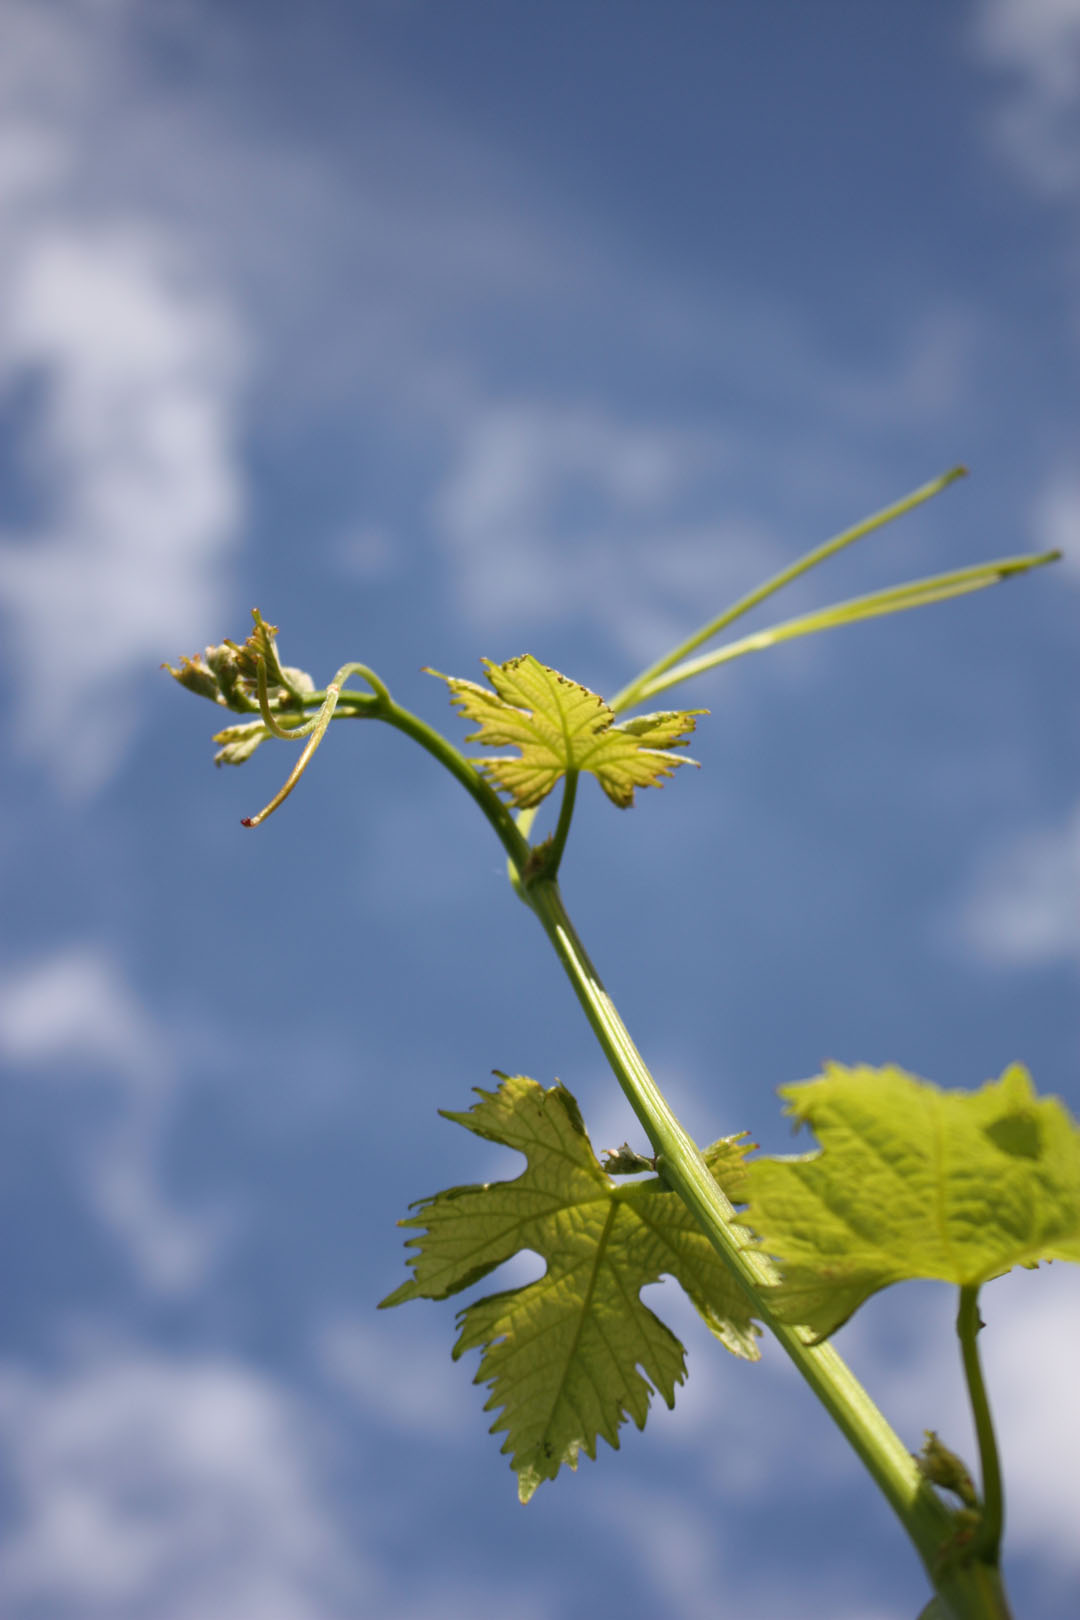 Nachhaltiger Wein. Rebstock vor blauem Himmel